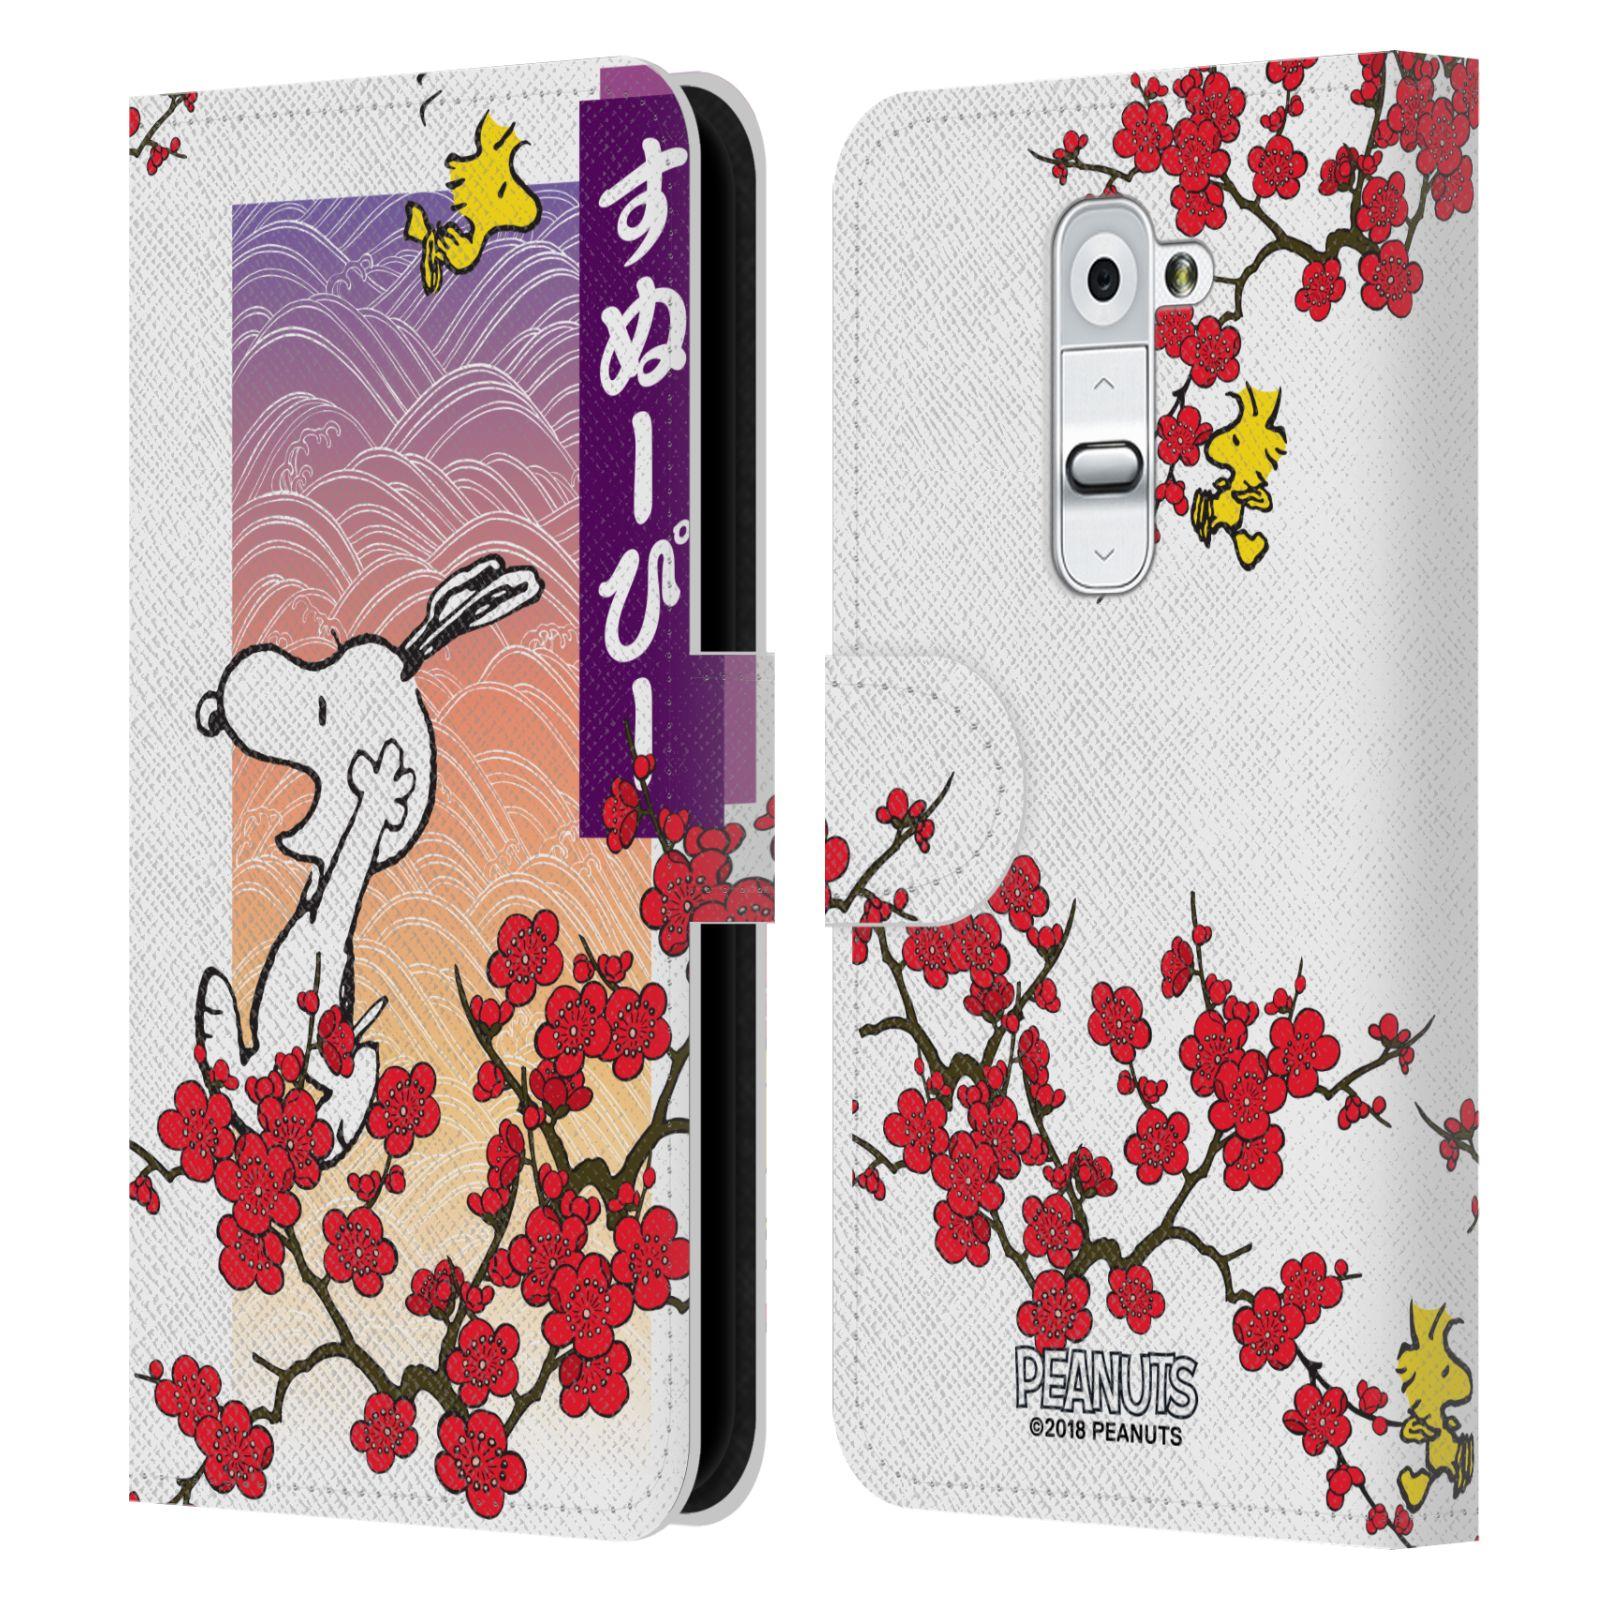 Pouzdro na mobil LG G2 - Head Case - Peanuts - Snoopy, ptáček Woodstock rozkvetlá třešeň